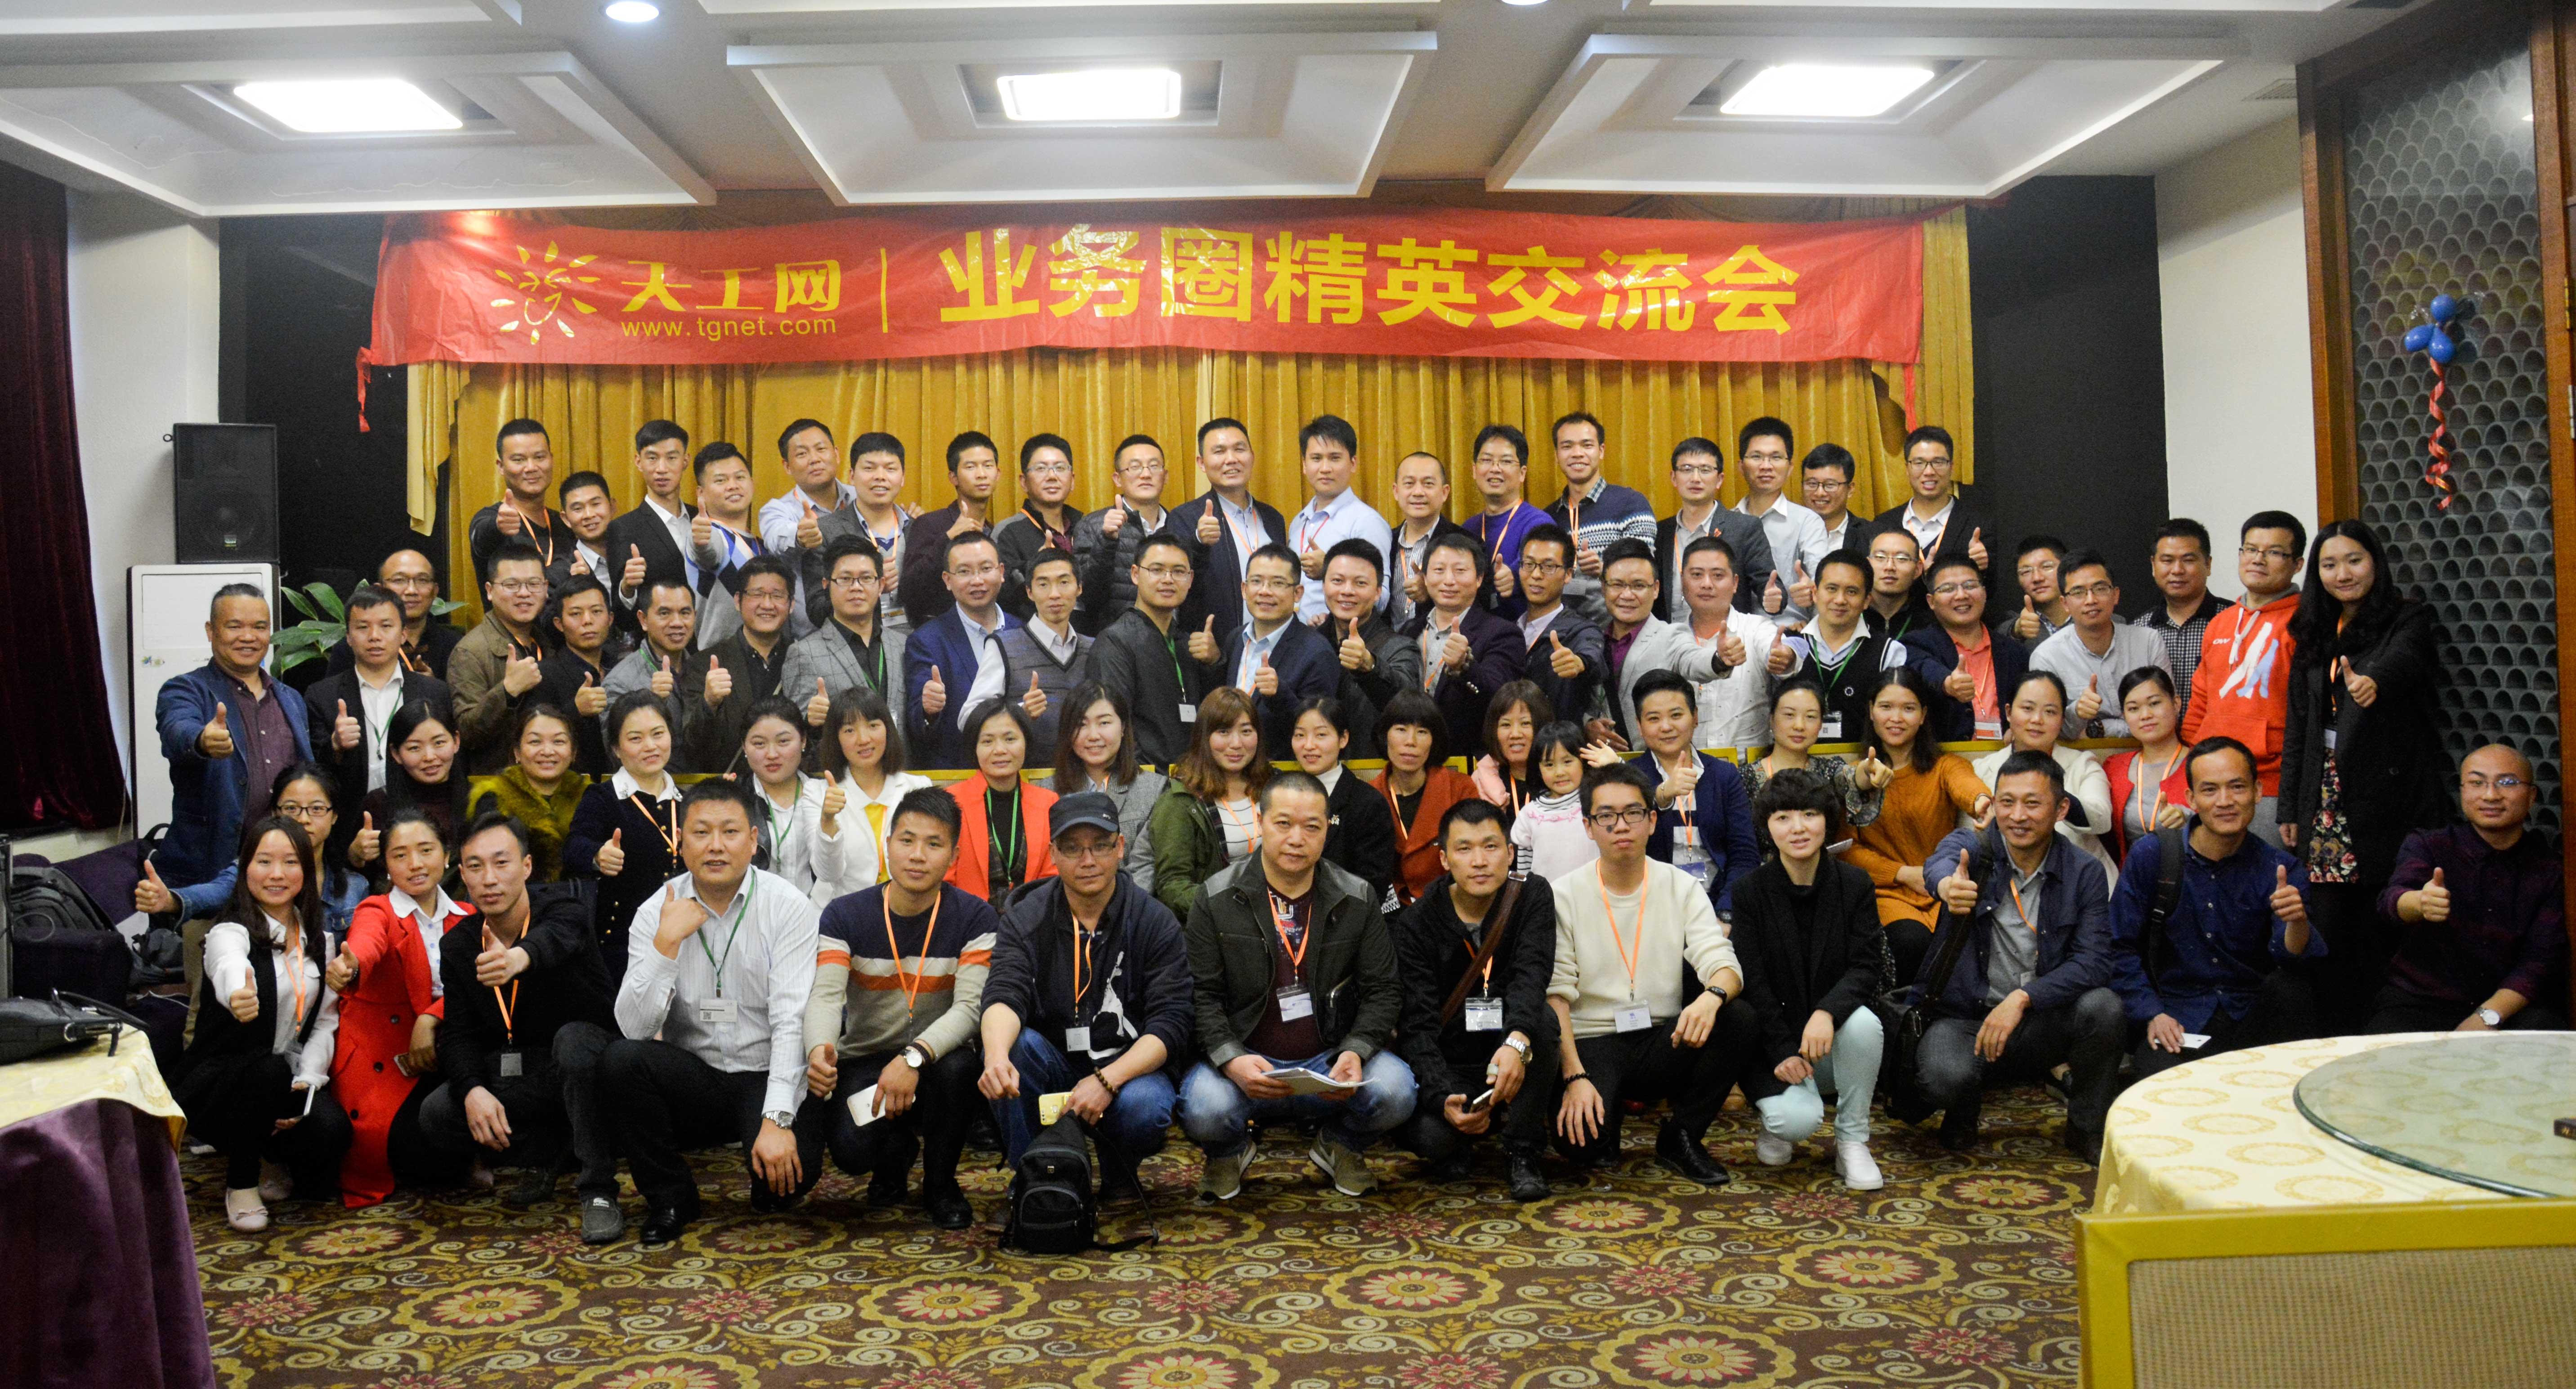 2017天工广州开年建筑业务合作交流会